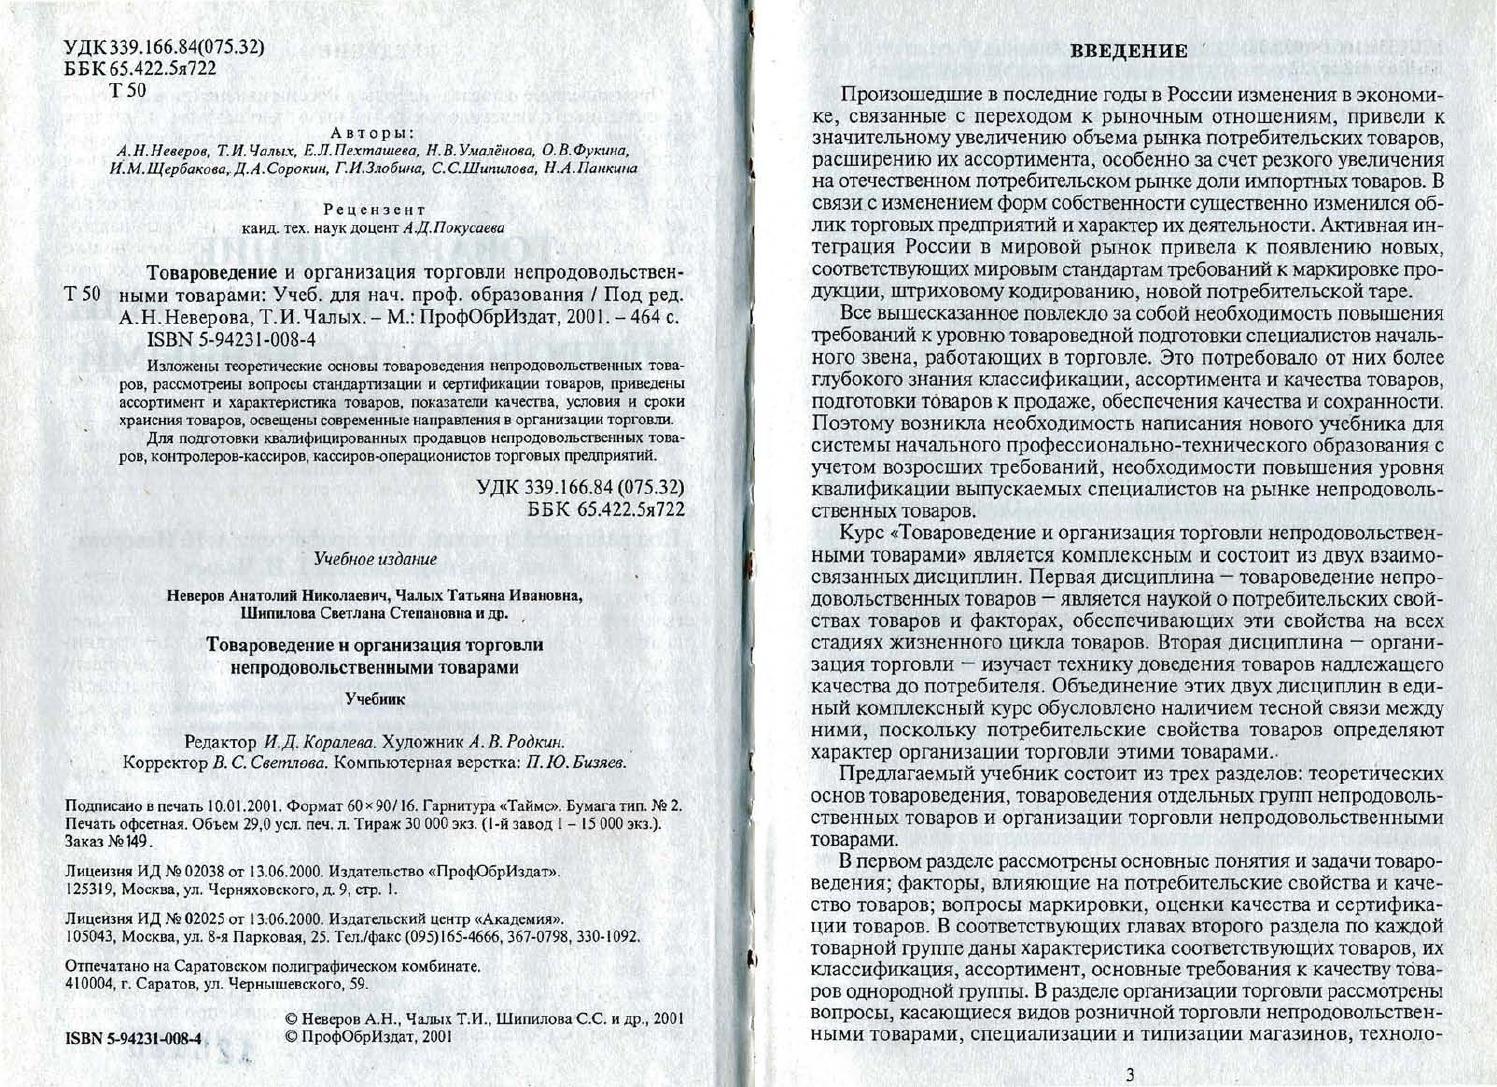 Подогреватель высокого давления ПВД-К-700-24-4,5-7 Канск Кожухотрубный теплообменник Alfa Laval VLR7x20/89-3,0 Анжеро-Судженск